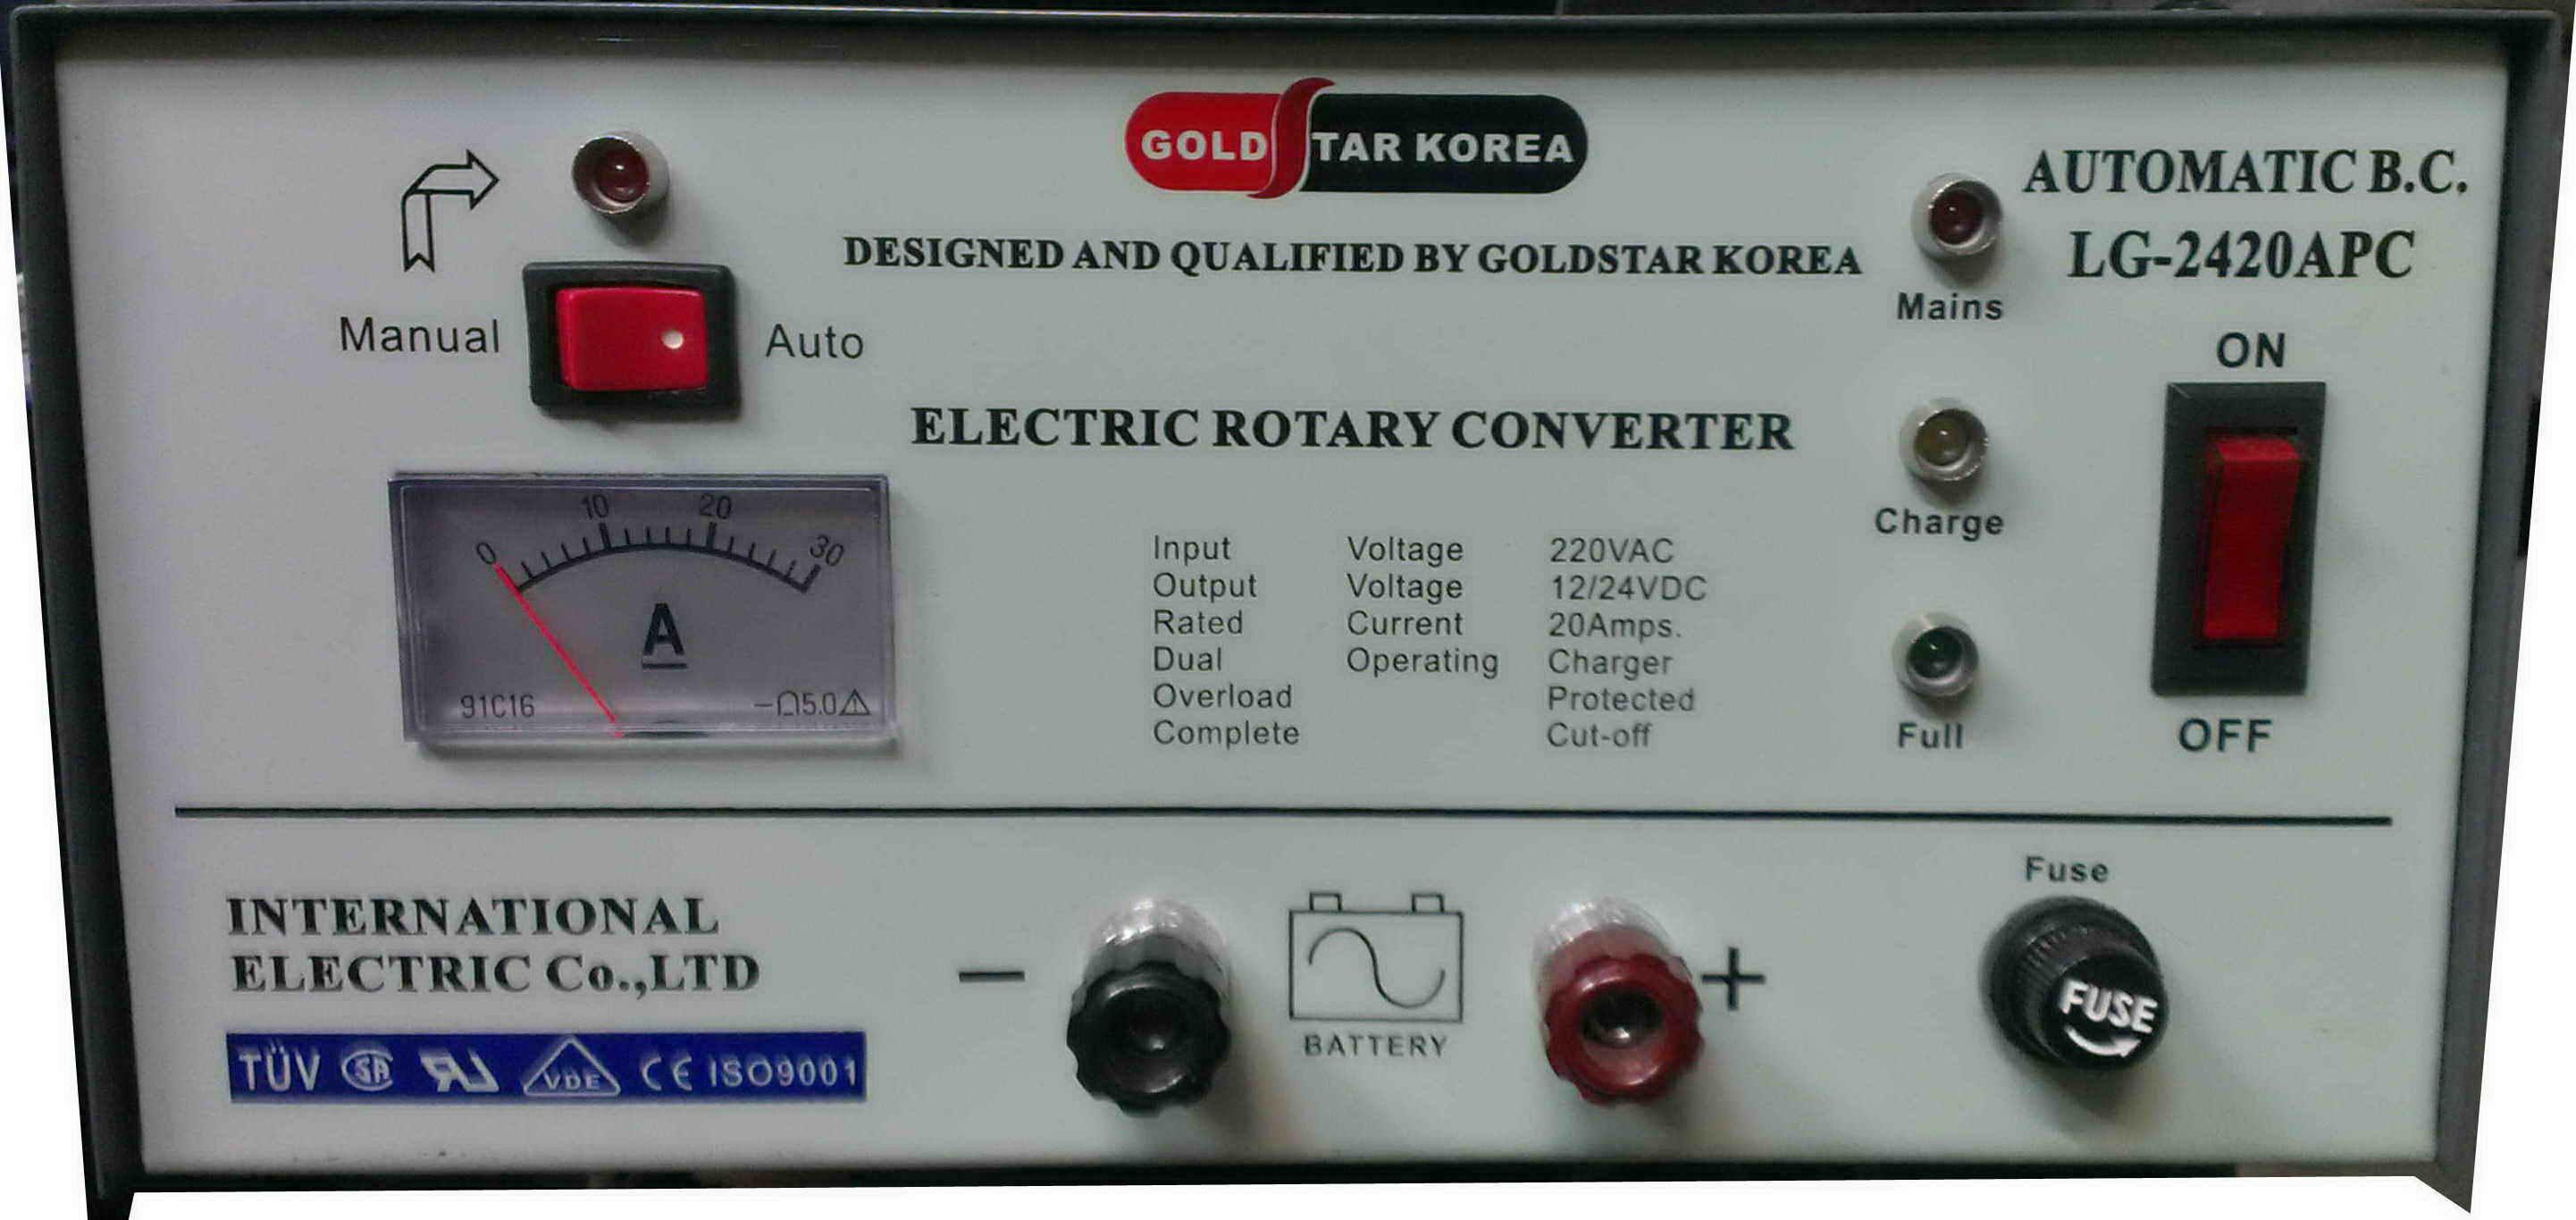 شارژر صنعتی باطری ،شارژر باتری گلداستار ، ، نمایندگی شارژر اتوماتیک صنعتی باطری 12 ولت ، 24 ولت، GoldStar